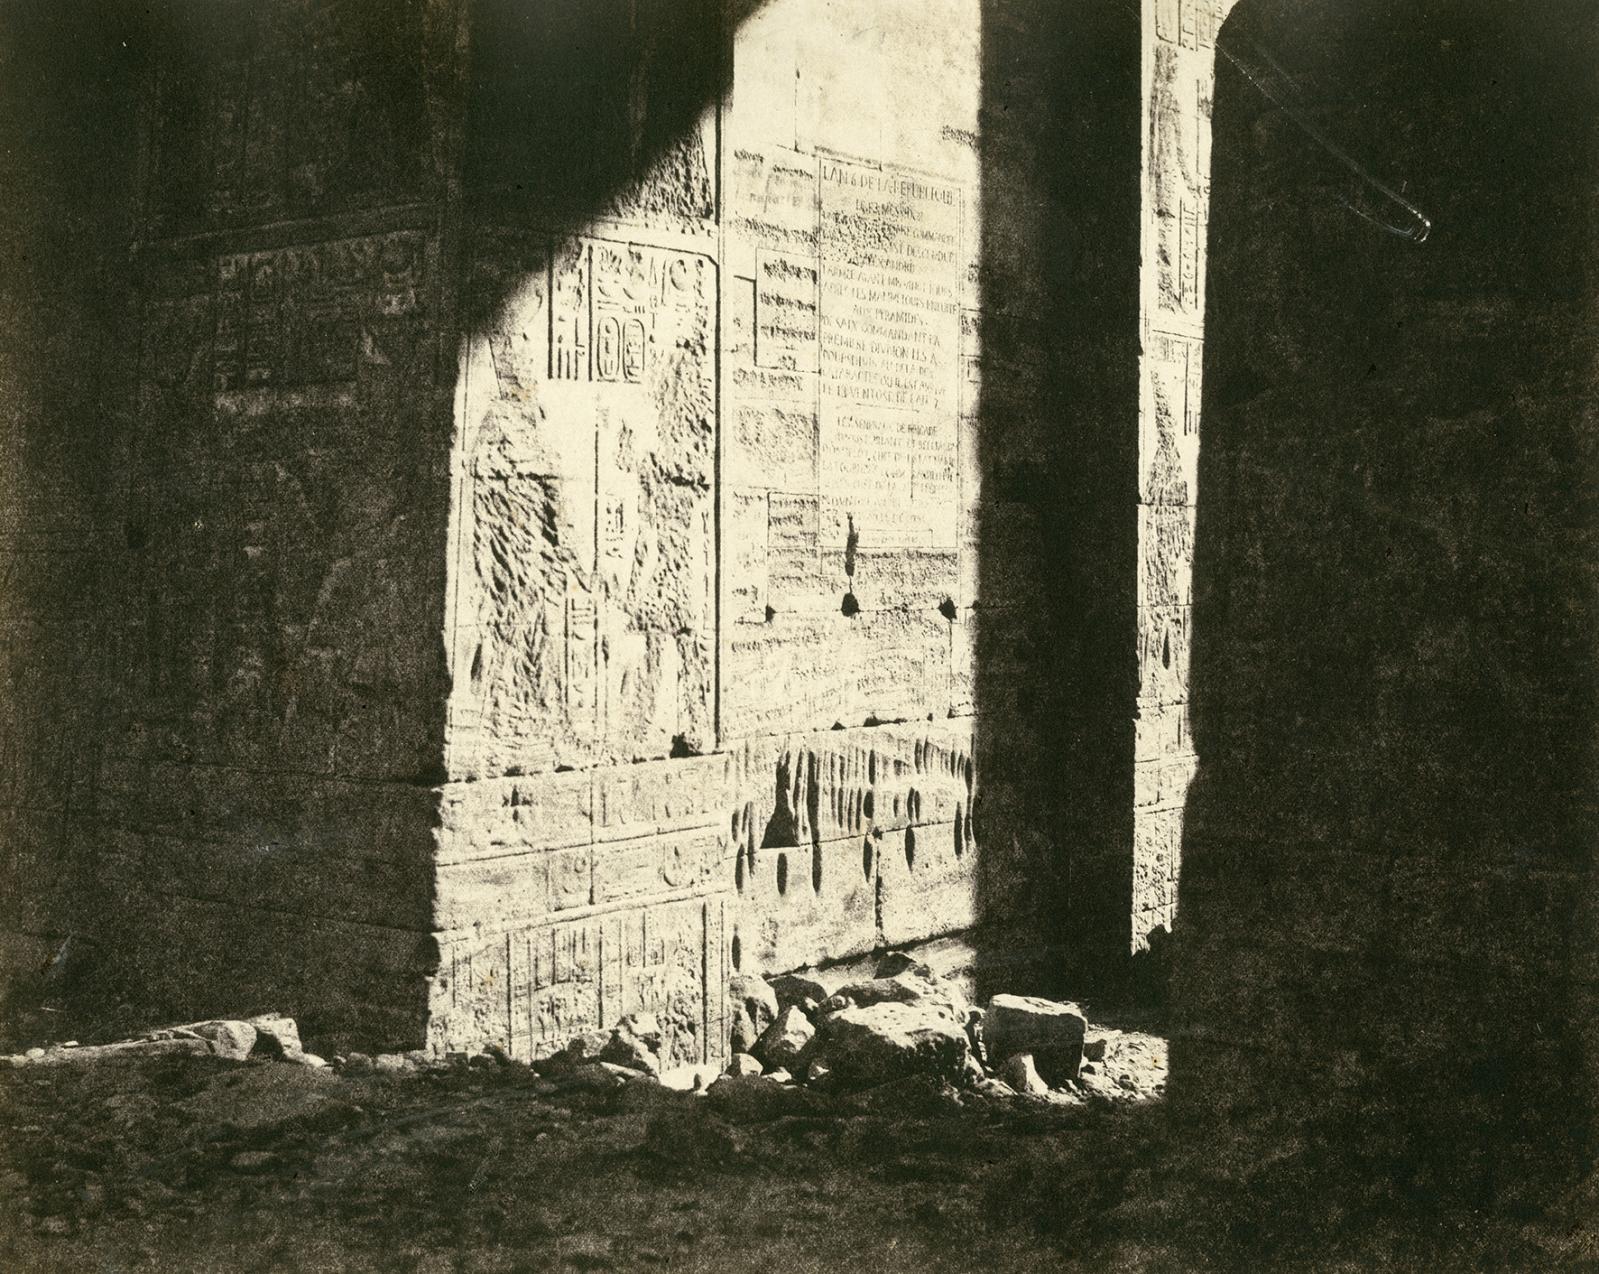 Félix Teynard (1817-1892), Nubie - Philae - inscription française sur le 1er pylone, 1851, épreuve sur papier albuminé d'après un négatif papier, 24,8